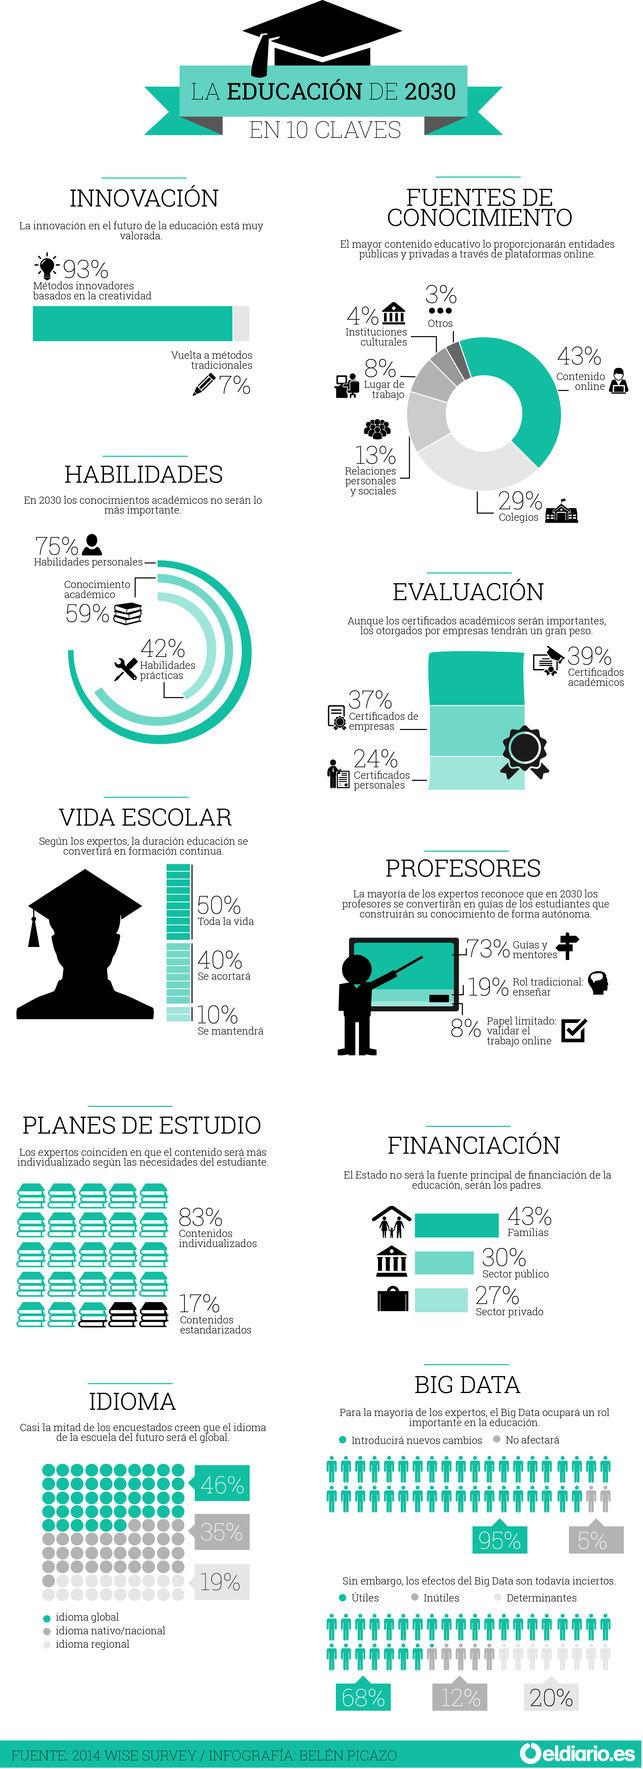 La educación de 2030 en 10 claves